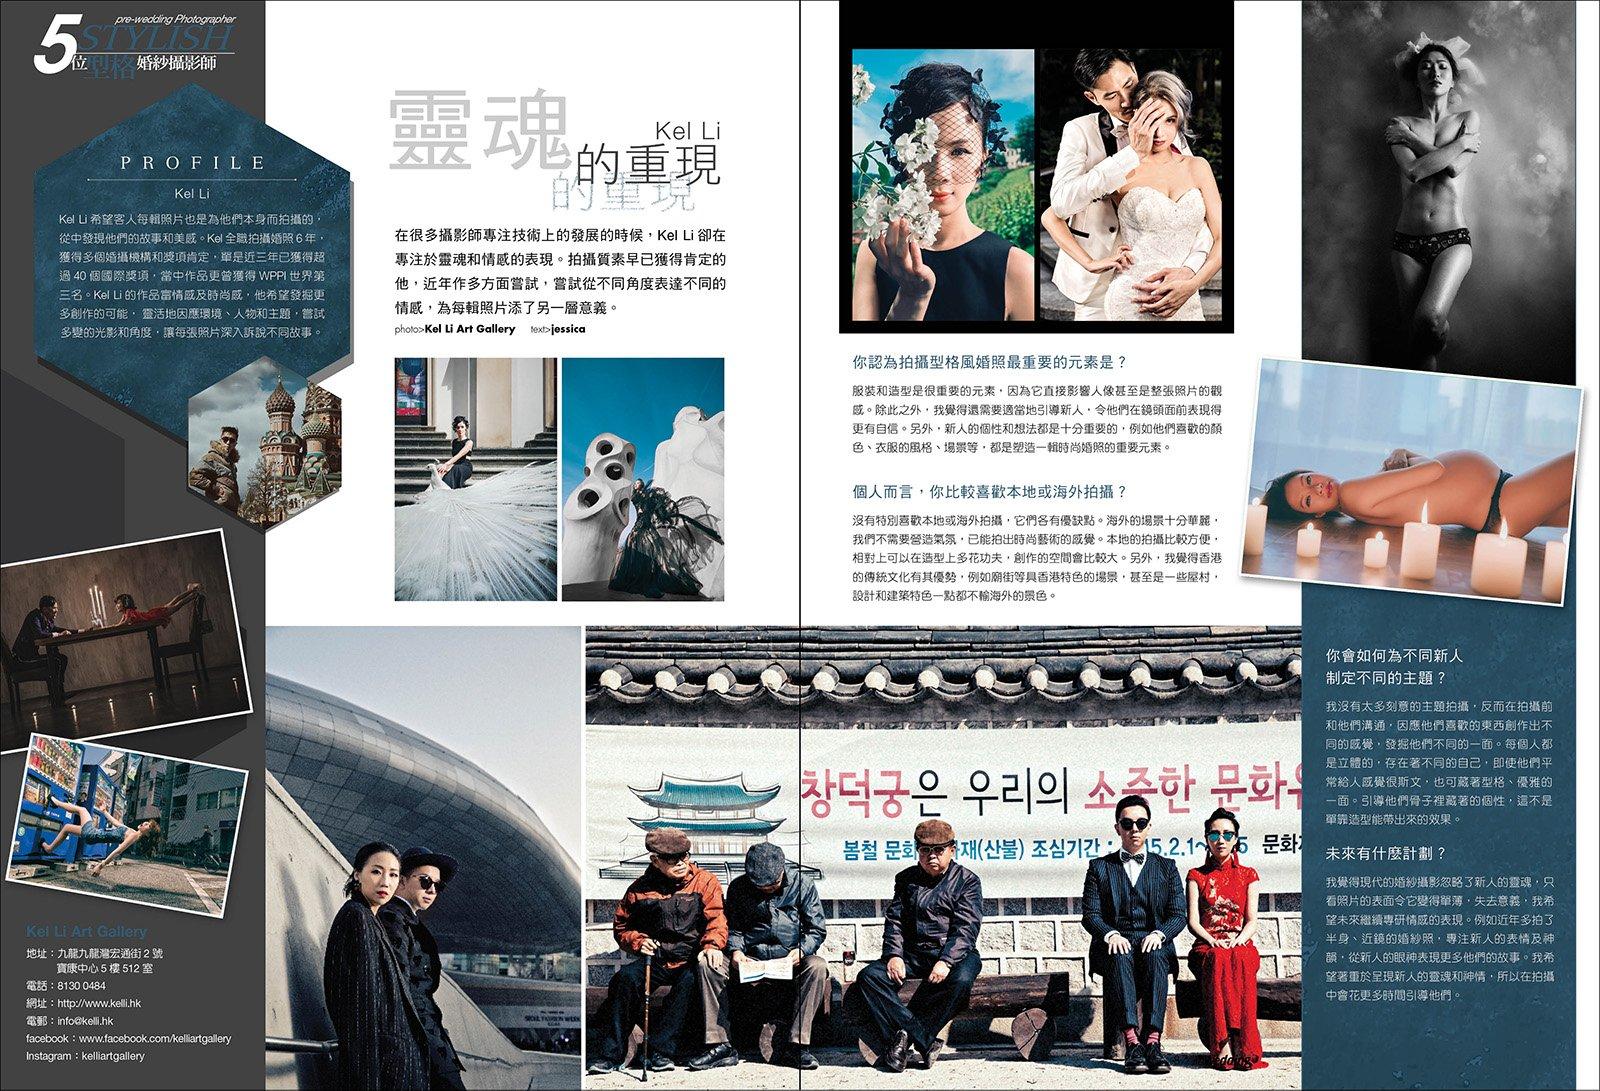 婚禮雜誌(Wedding Magazine)的時尚婚紗攝影師介紹